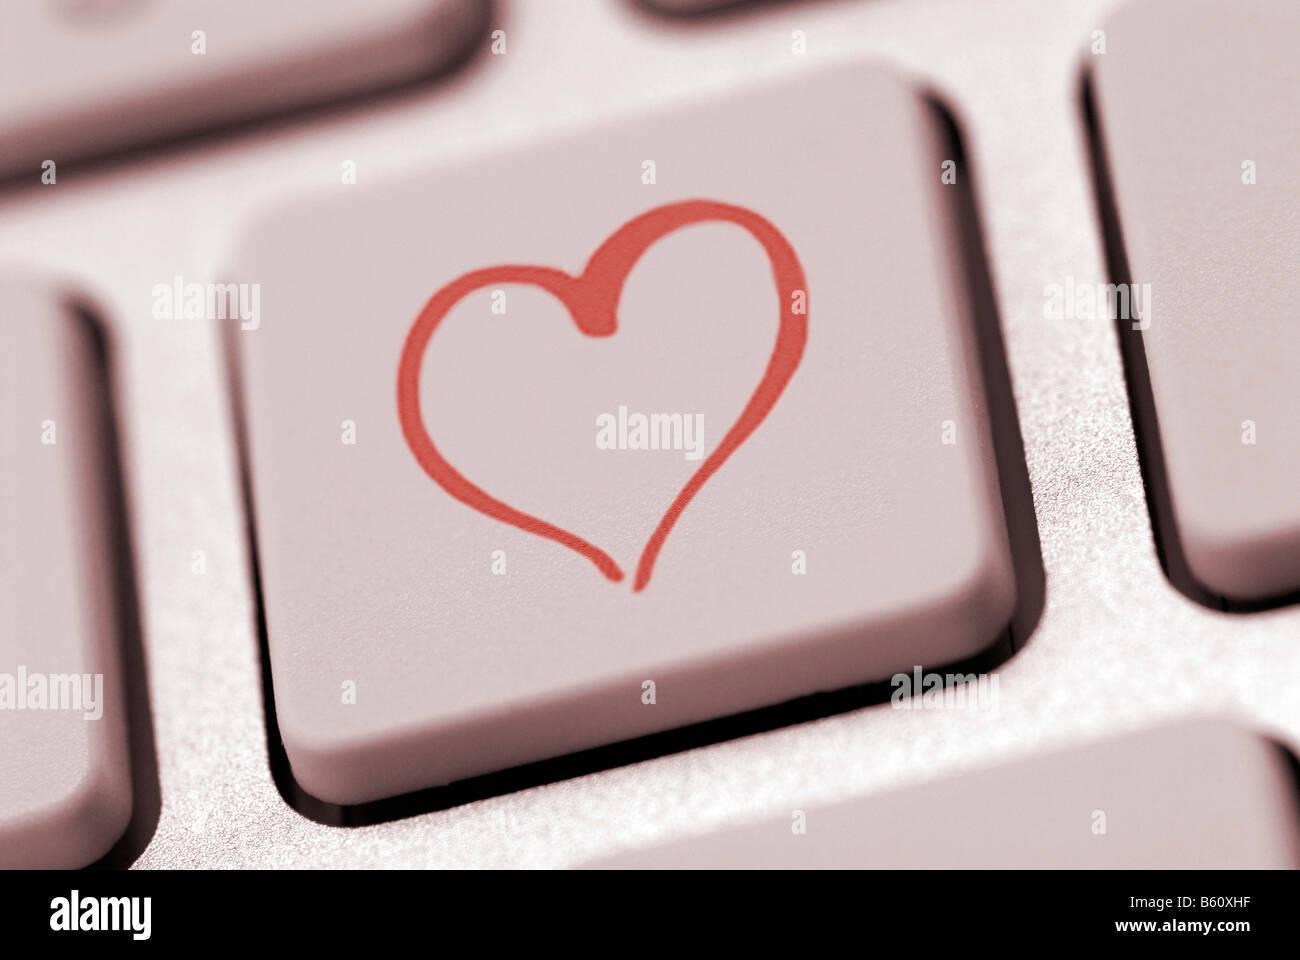 Forme de coeur sur un clavier d'ordinateur, image symbolique pour internet dating Banque D'Images